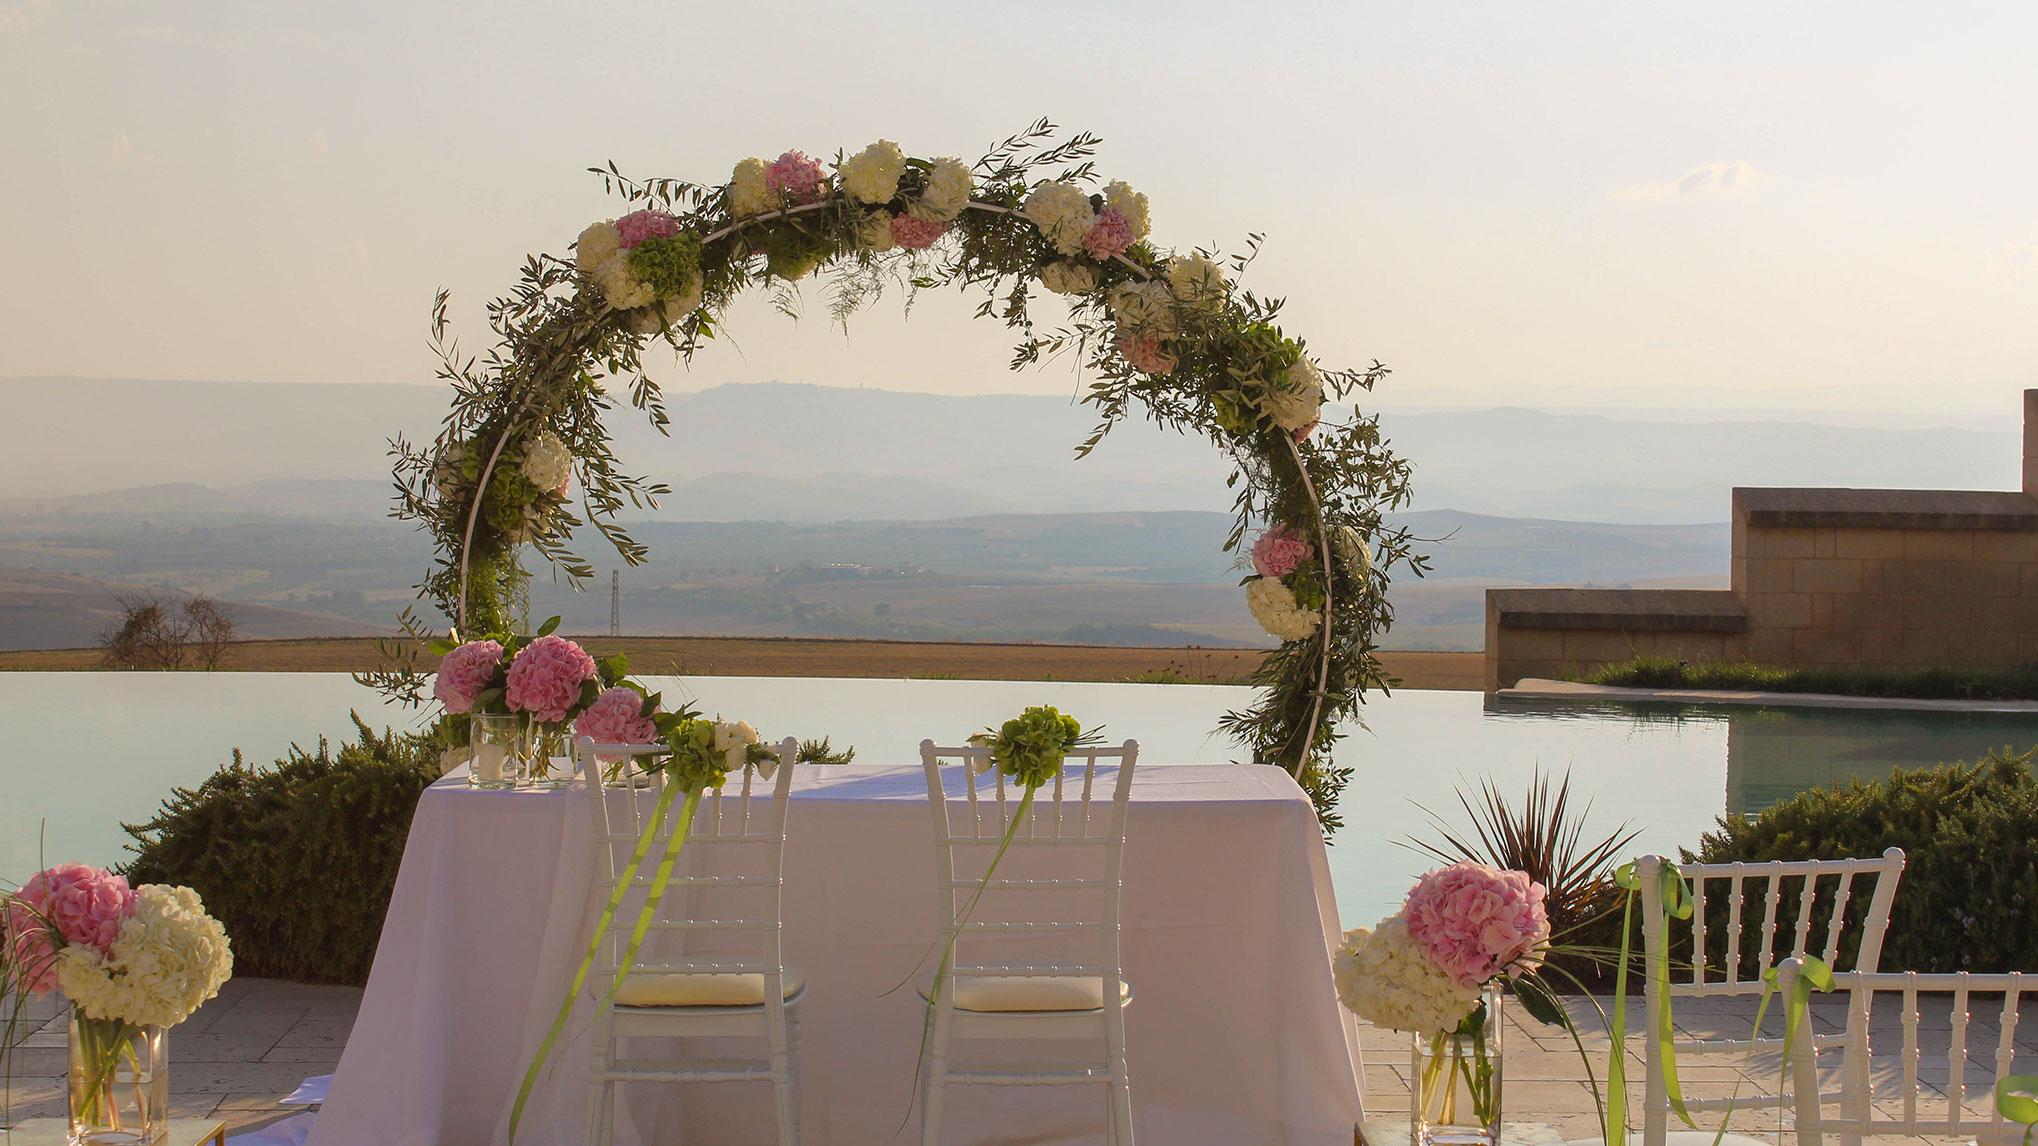 contatti-1-meravigliosamente-al-sud-valeria-cinnella-wedding-planner-matrimoni-organizzazione-eventi-cerimonie-matera-altamura-gravina-bari-basilicata-puglia